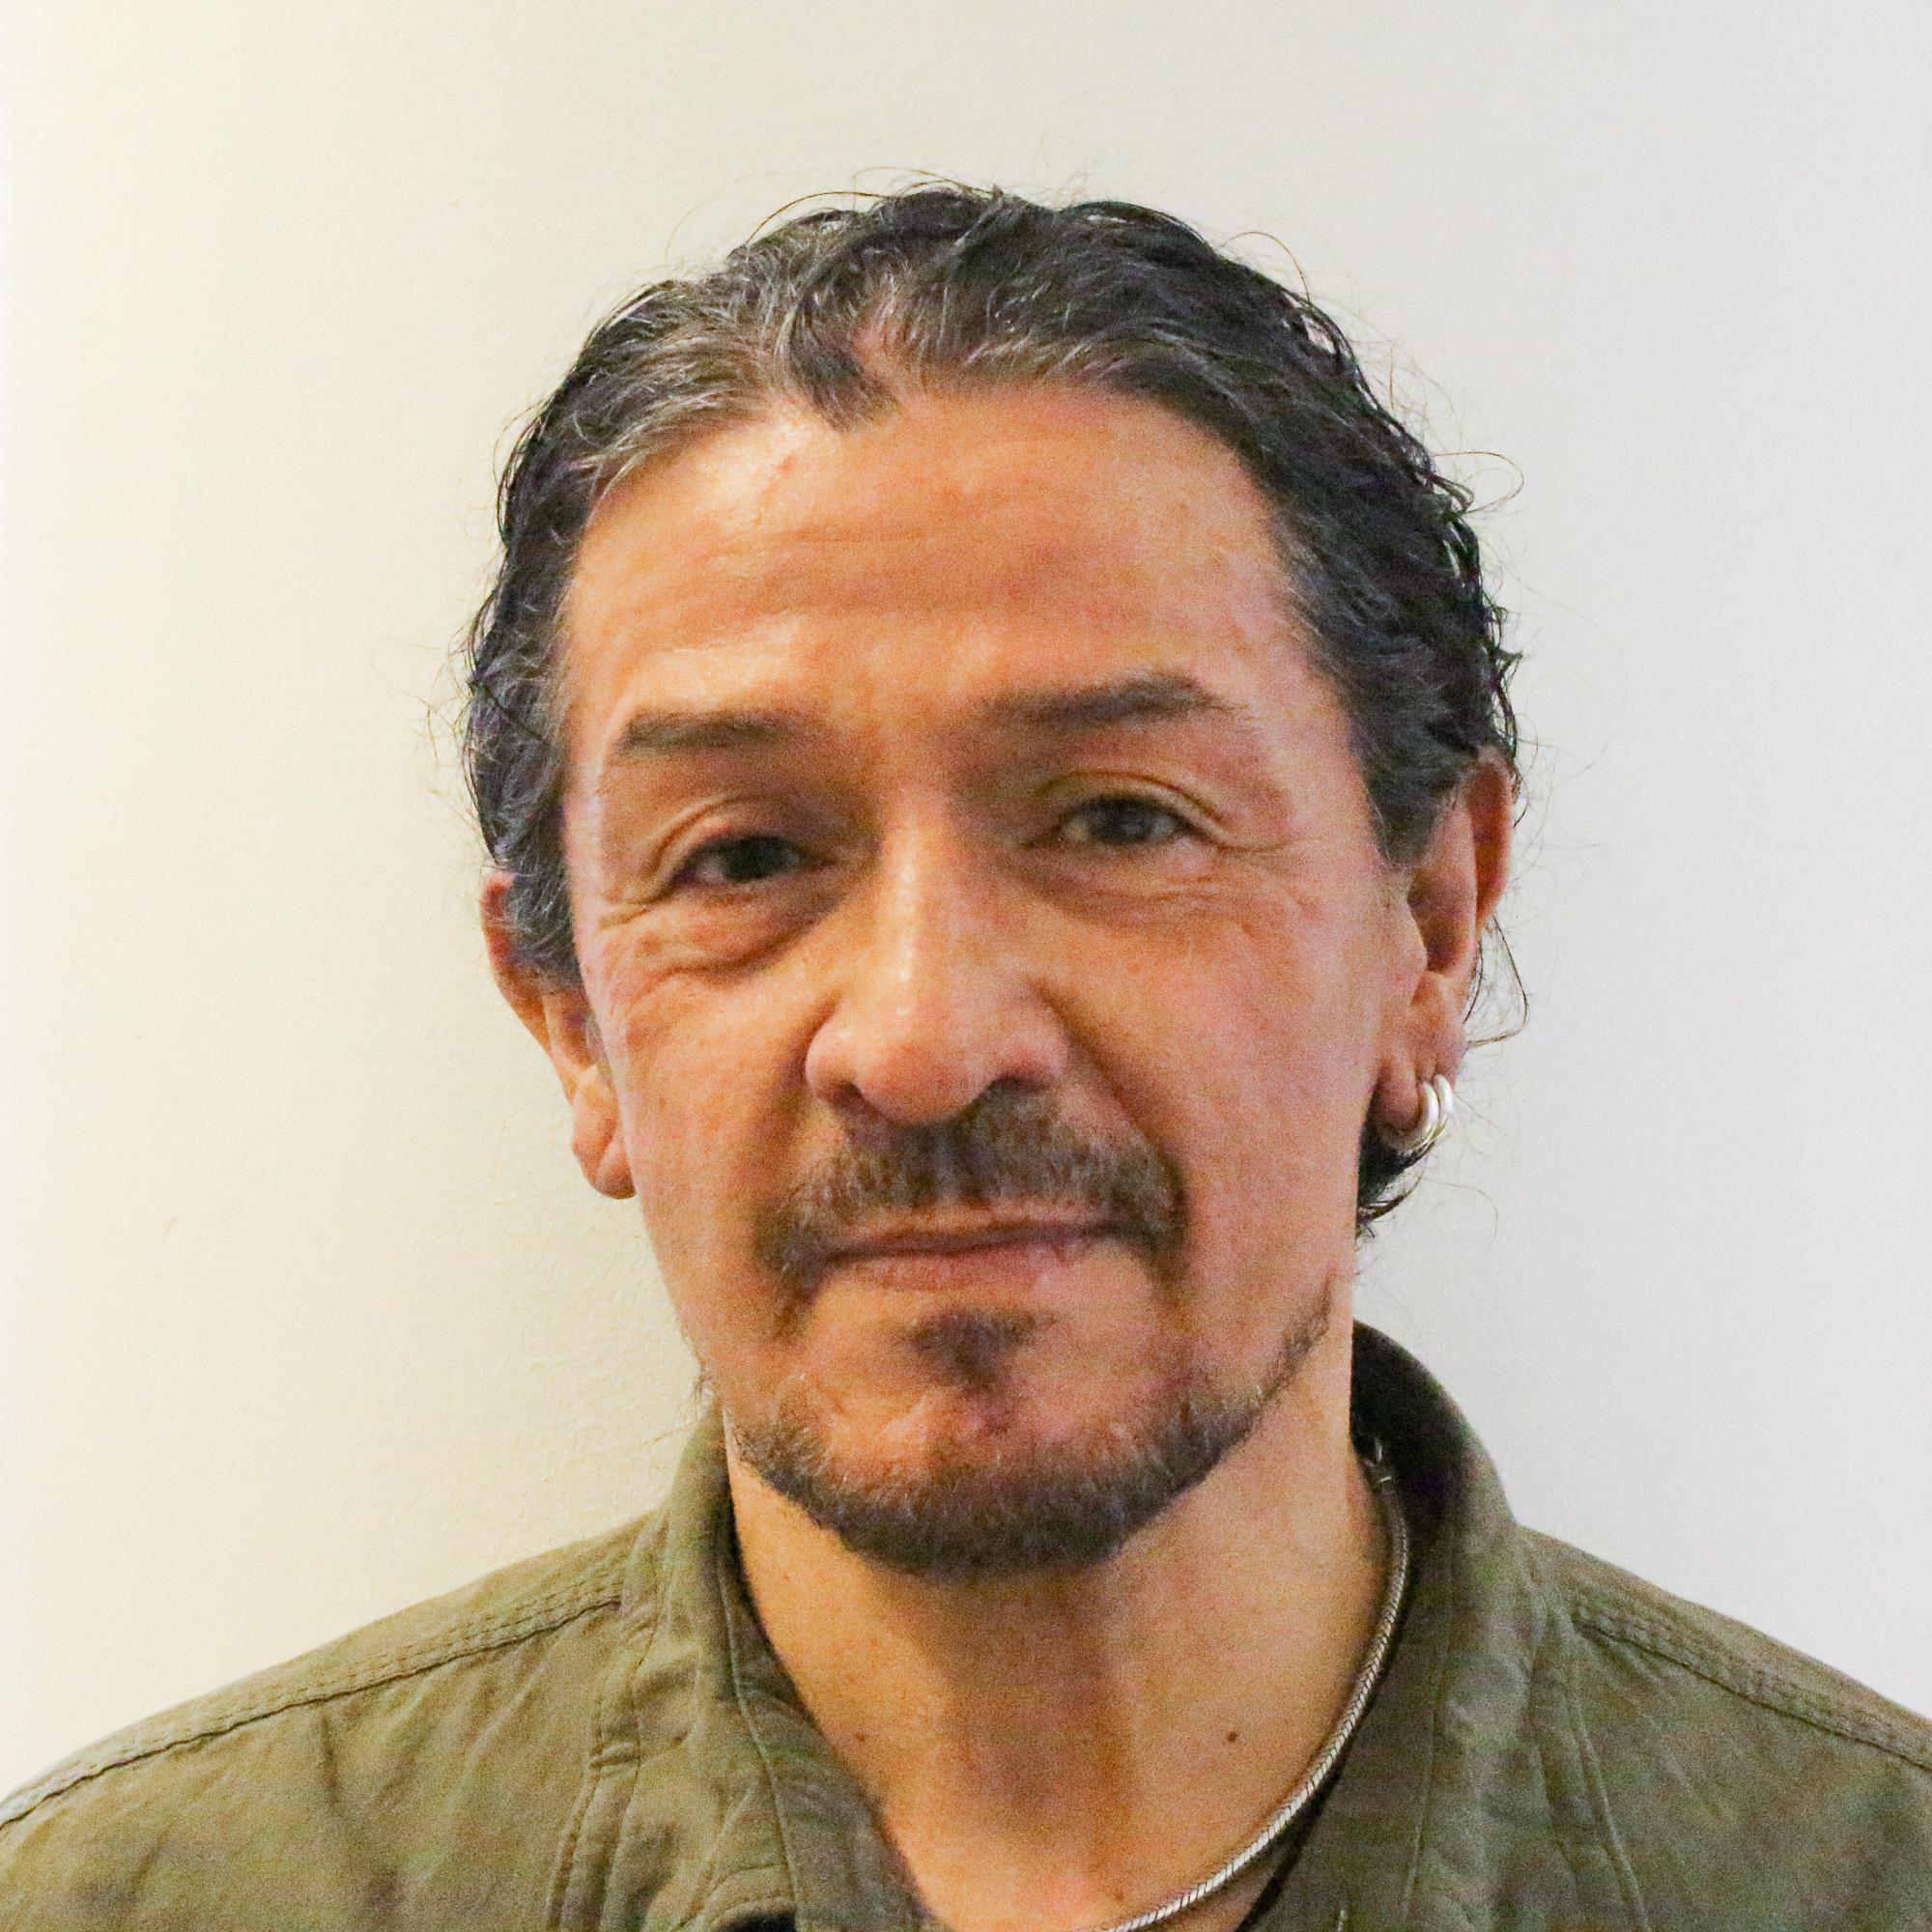 Alvaro Munos